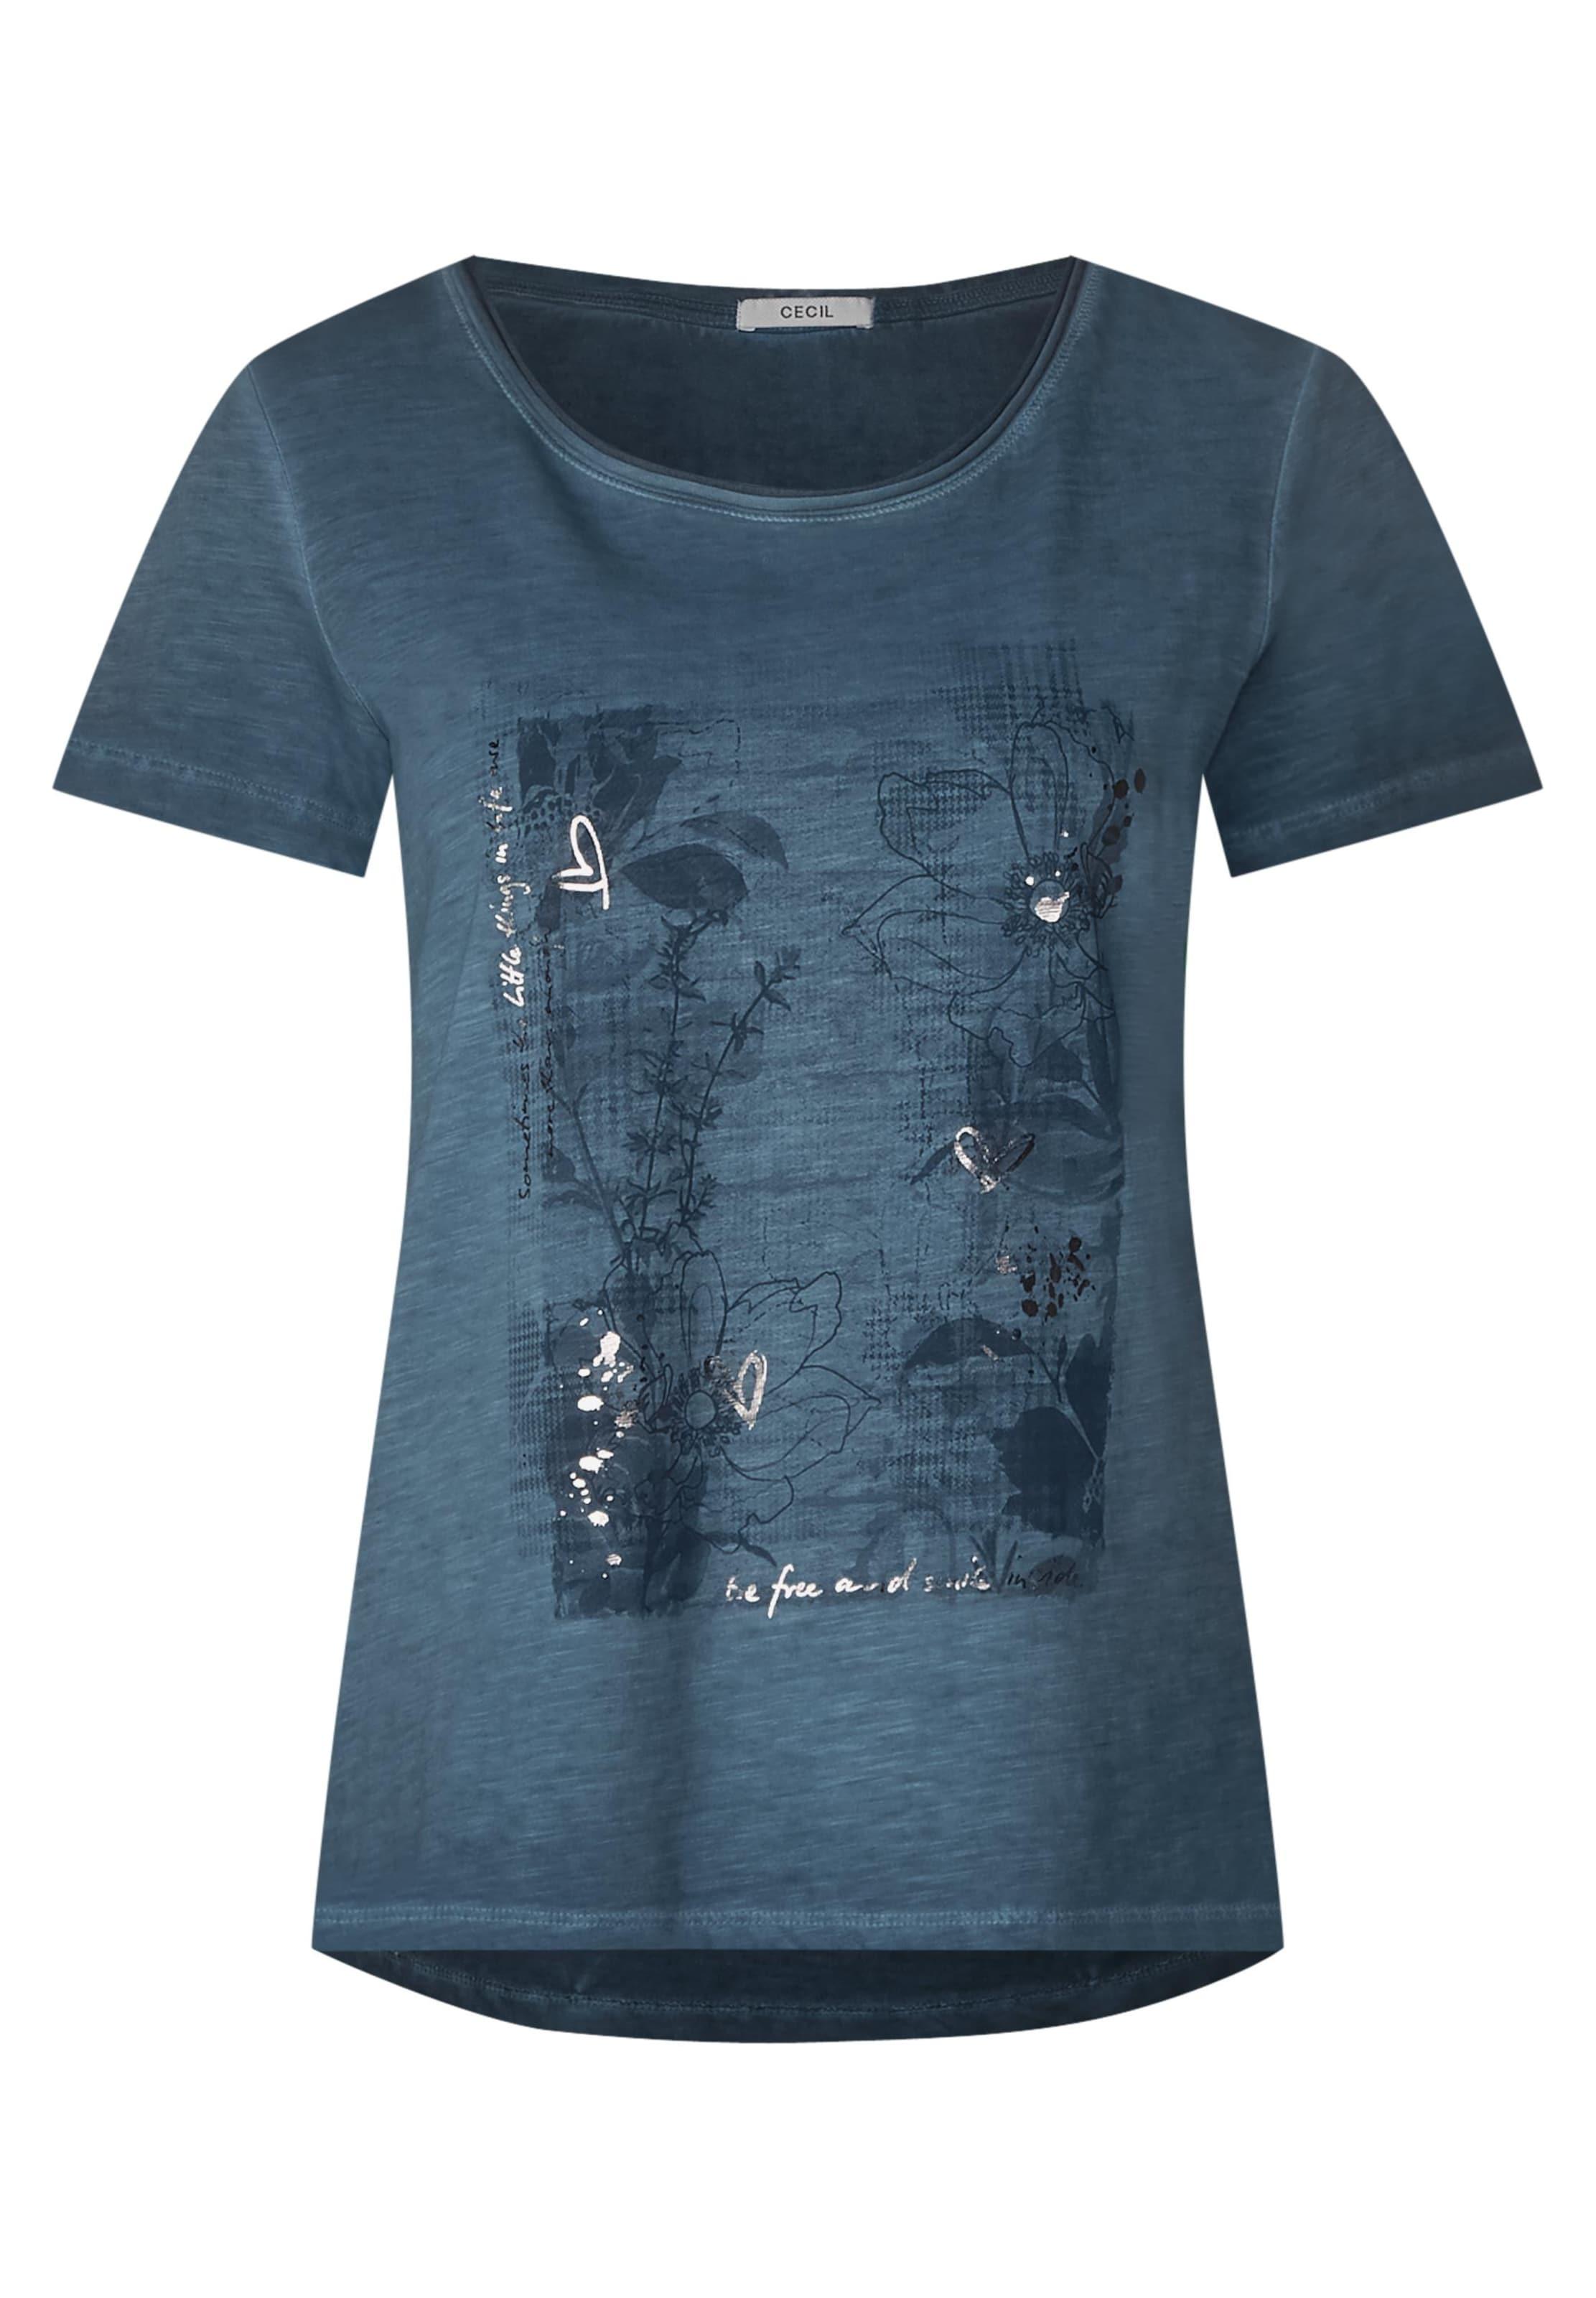 Silber Cecil Shirt Silber Cecil BlaumeliertAnthrazit In Shirt Shirt Cecil In BlaumeliertAnthrazit IEHWD29